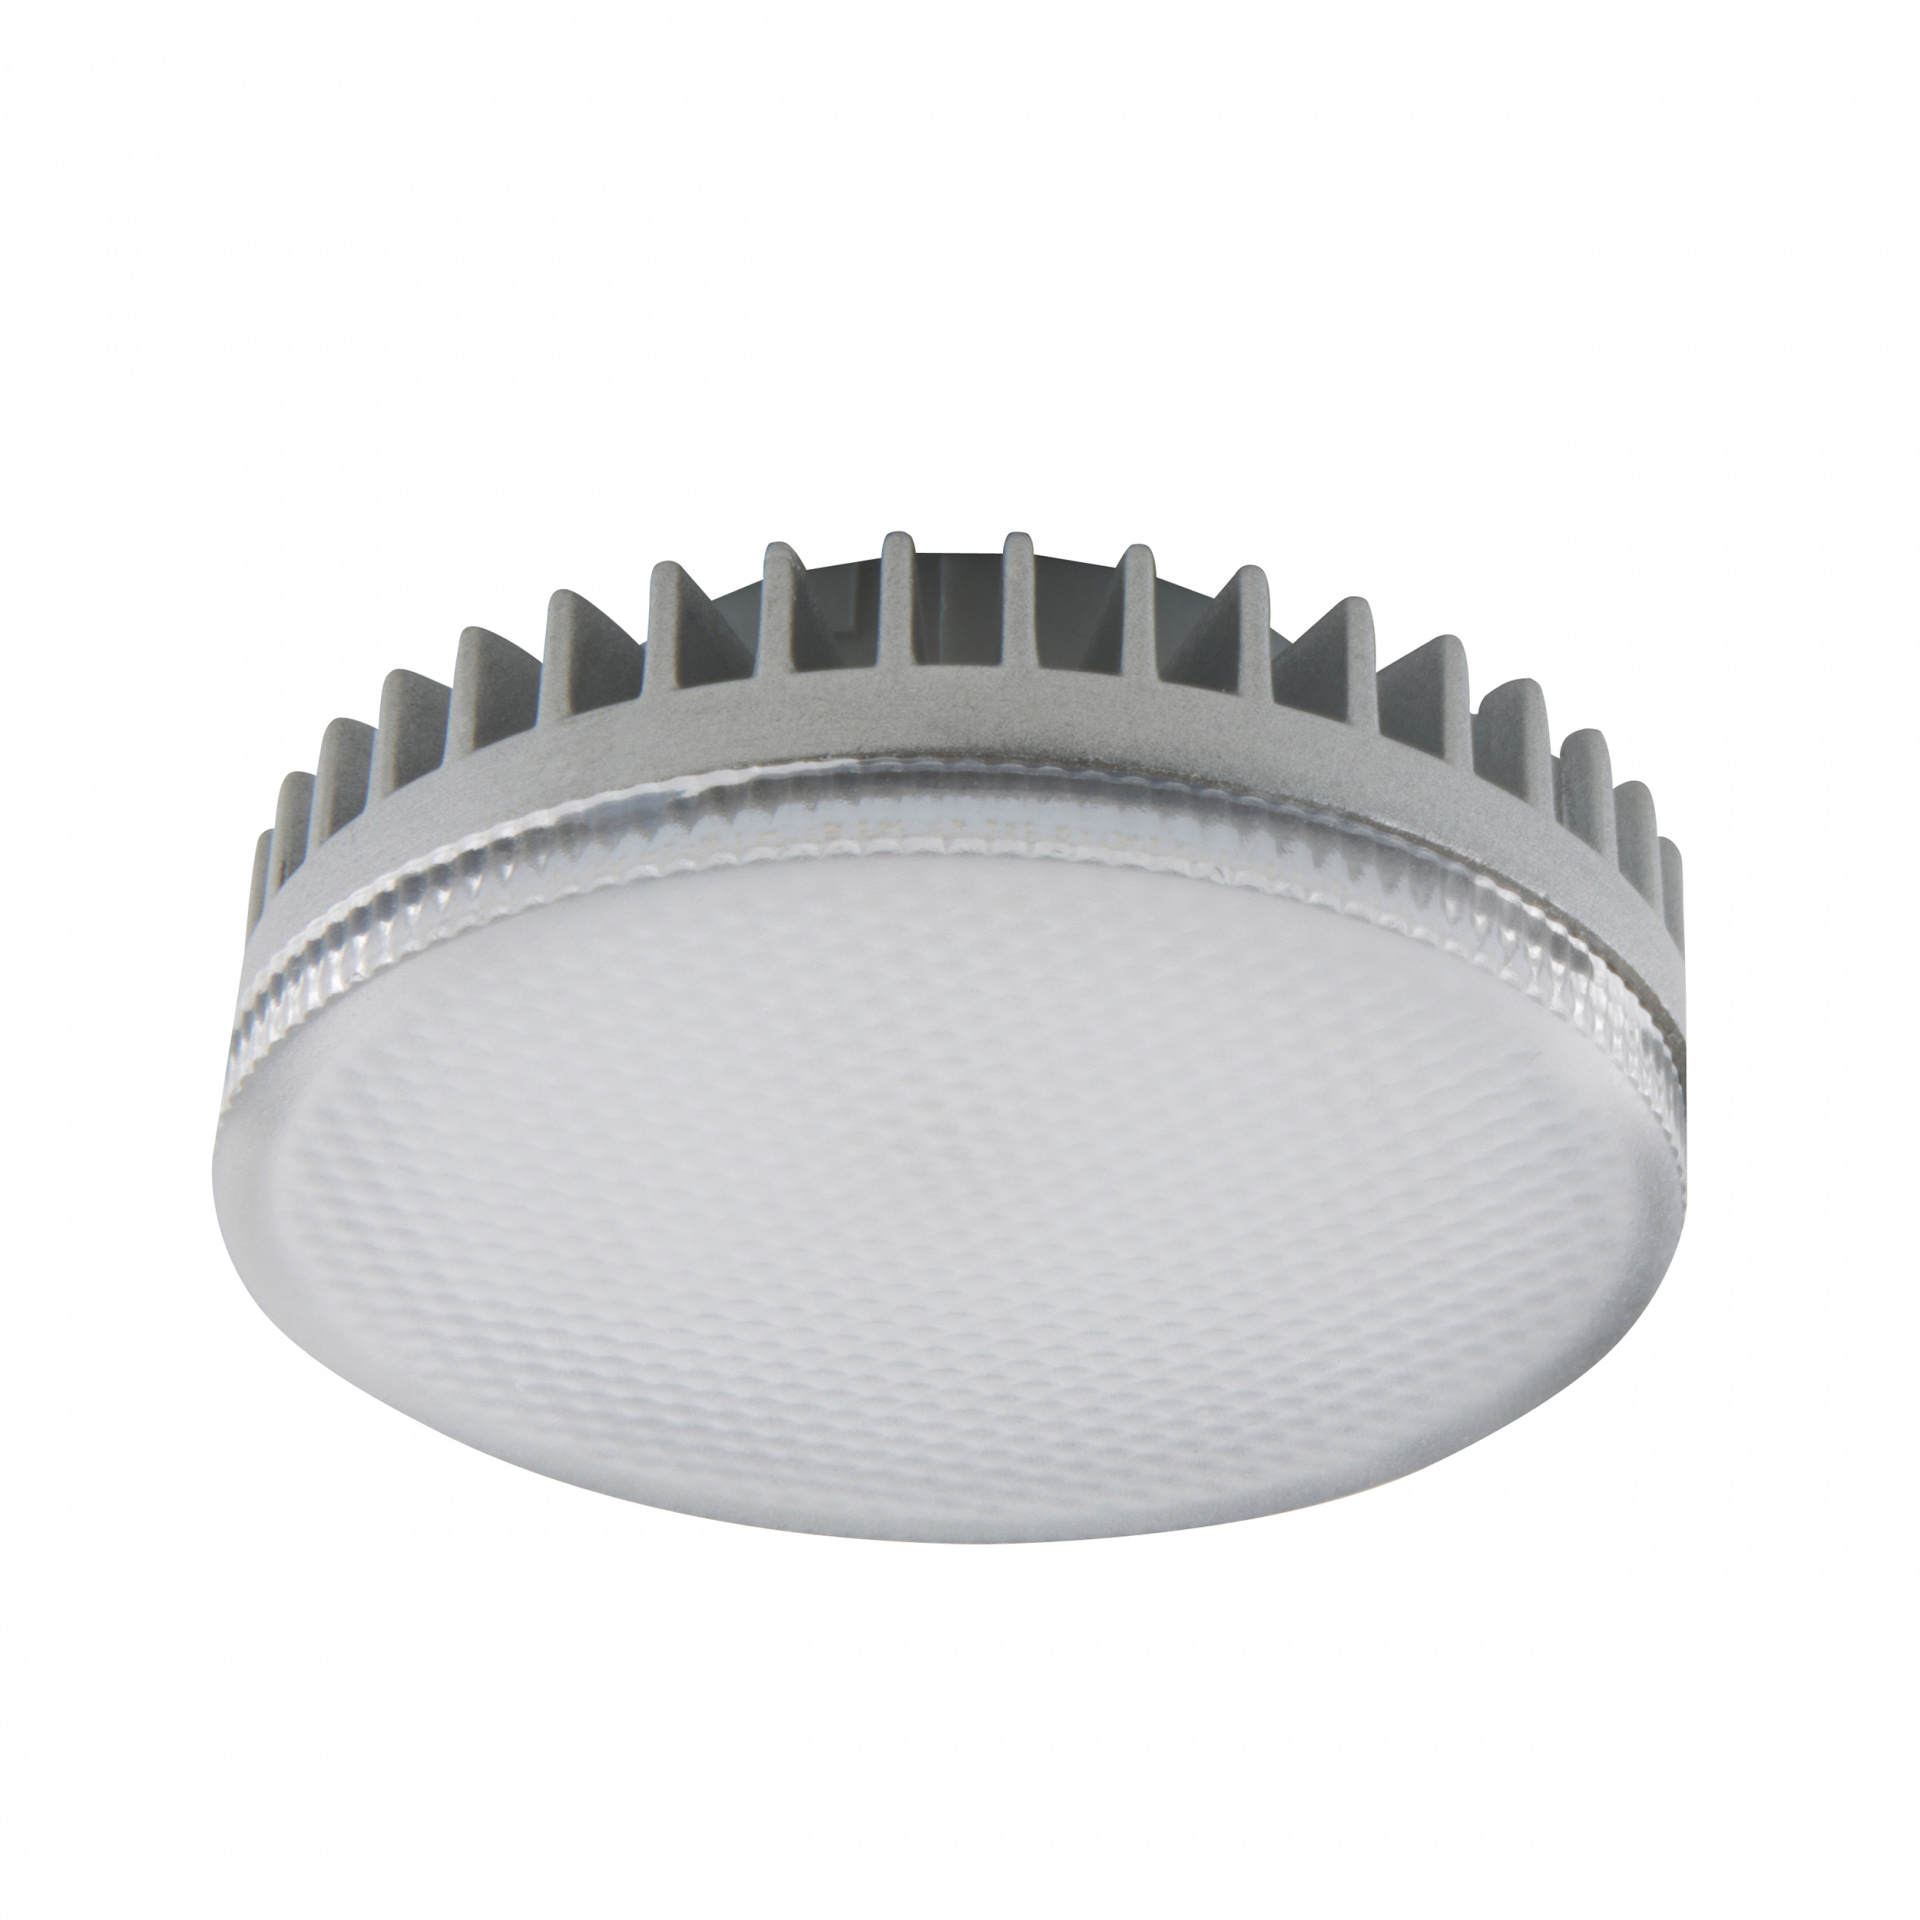 Лампа LED 220V TABL GX53 6W=60W 520LM 180G FR 4200K 20000H Lightstar 929064, купить в СПб, Москве, с доставкой, Санкт-Петербург, интернет-магазин люстр и светильников Starlight, фото в жизни